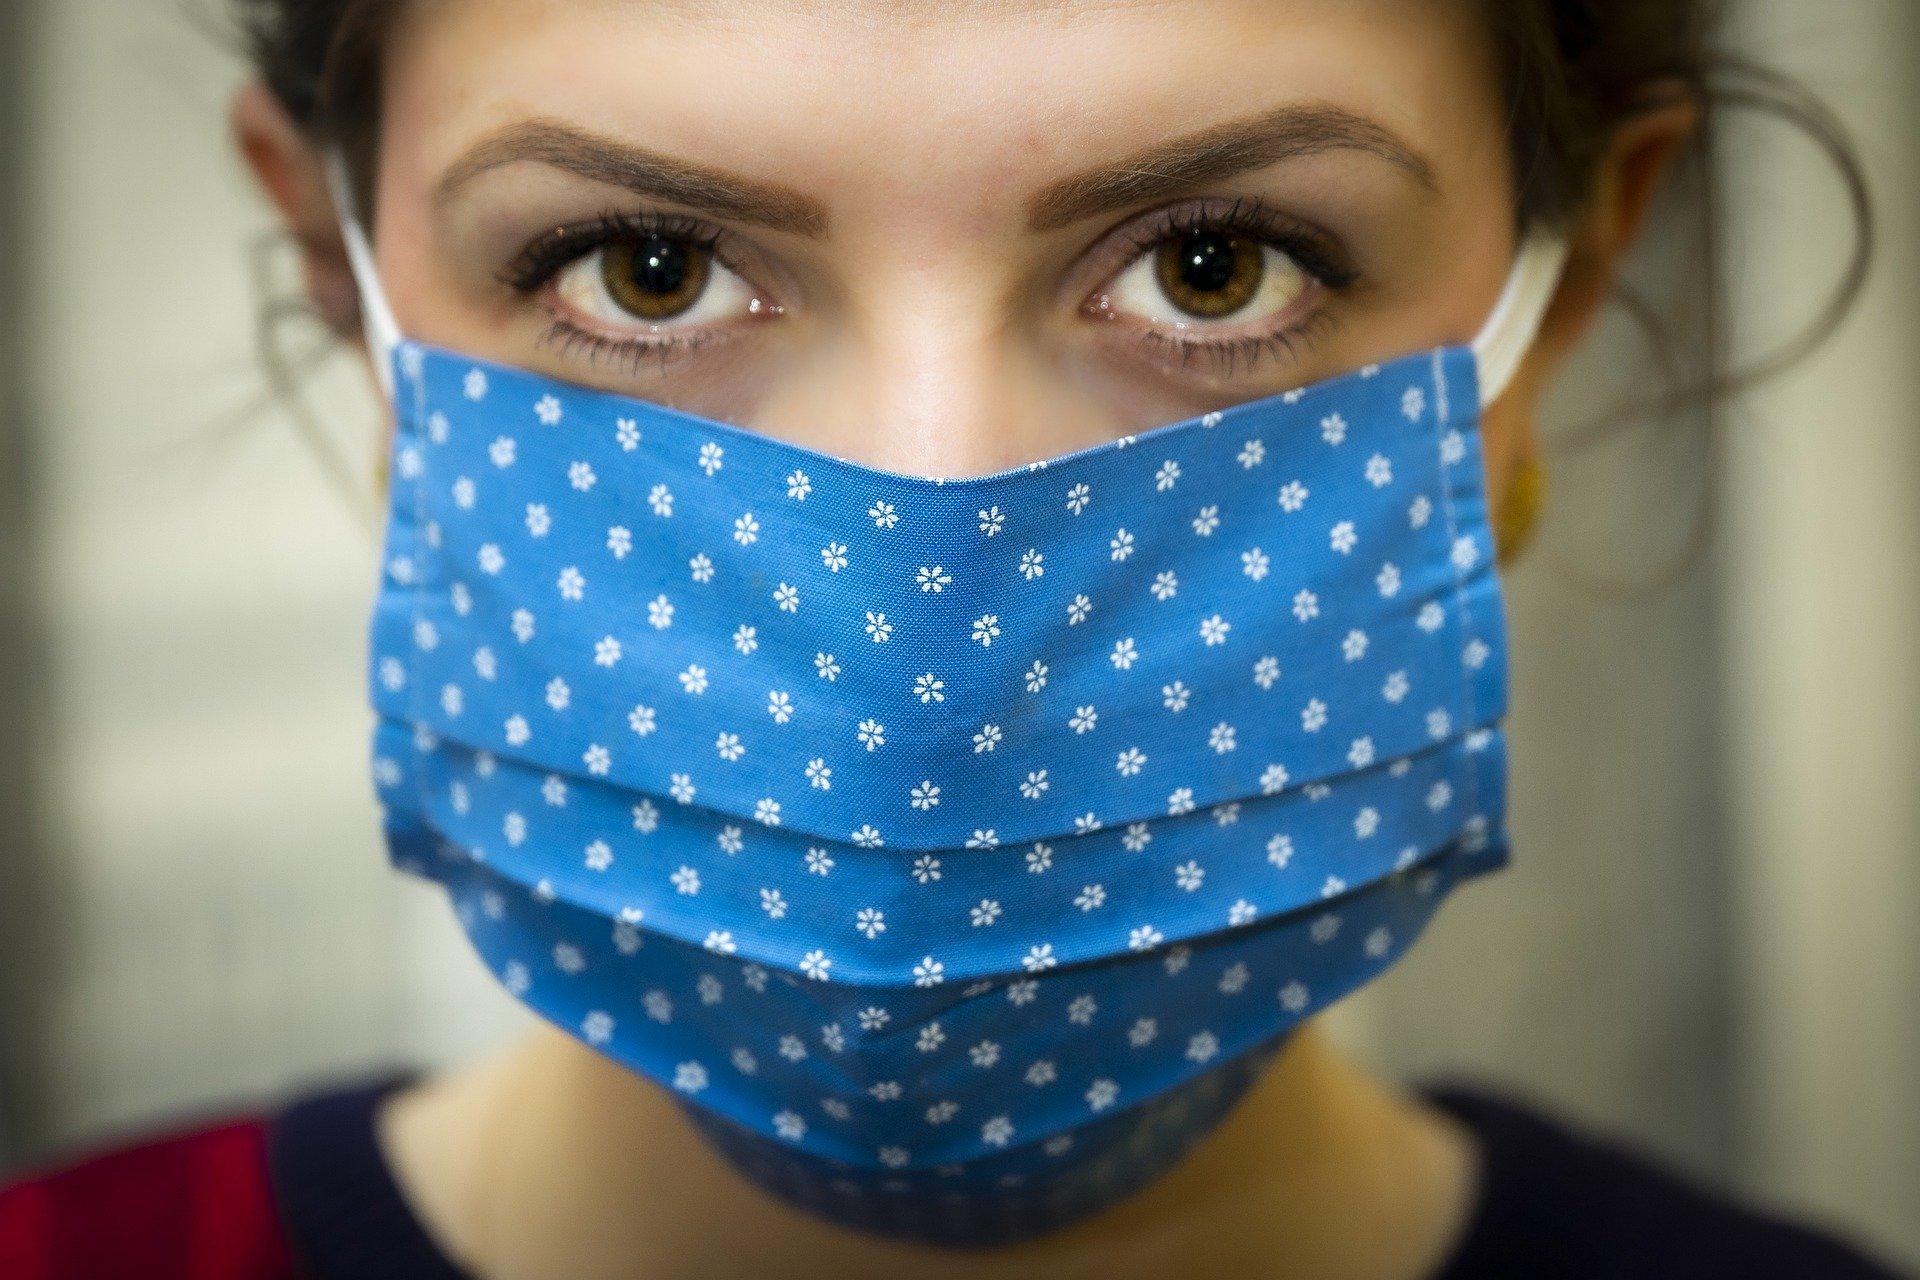 Kto najczesciej zachorowuje na koronawirusa w Polsce?